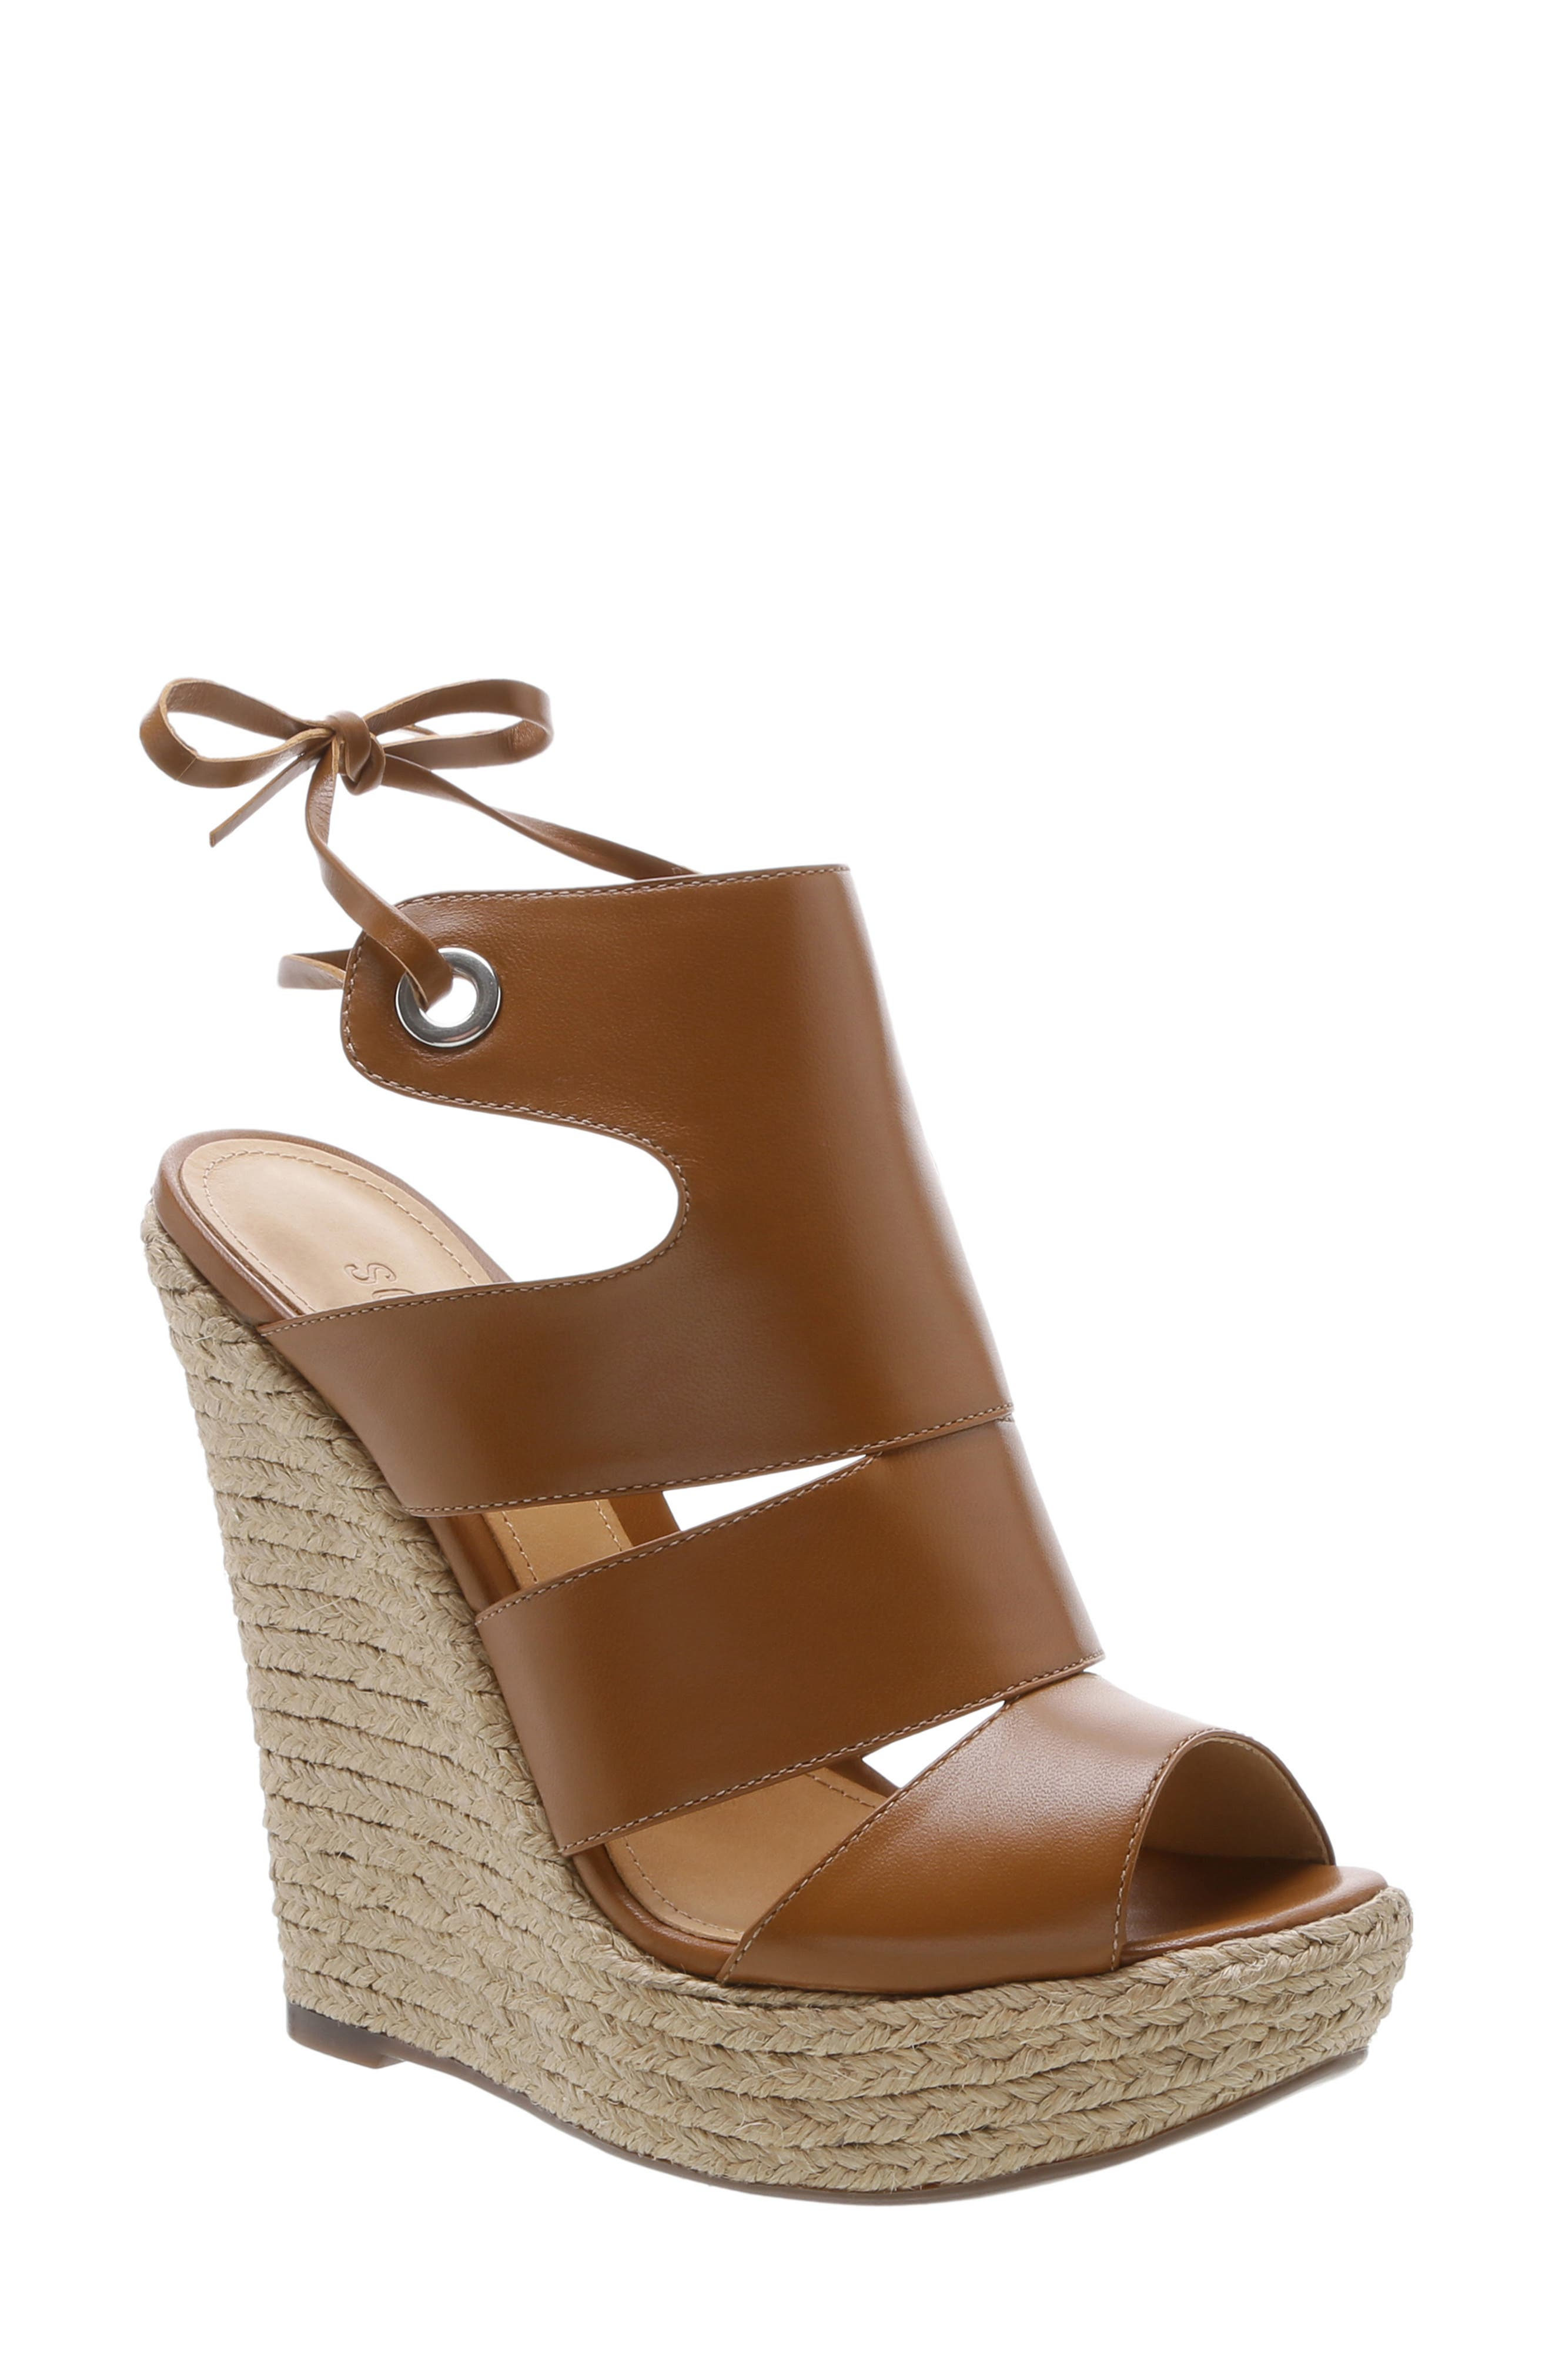 Schutz Ilione Platform Wedge Sandal, Beige